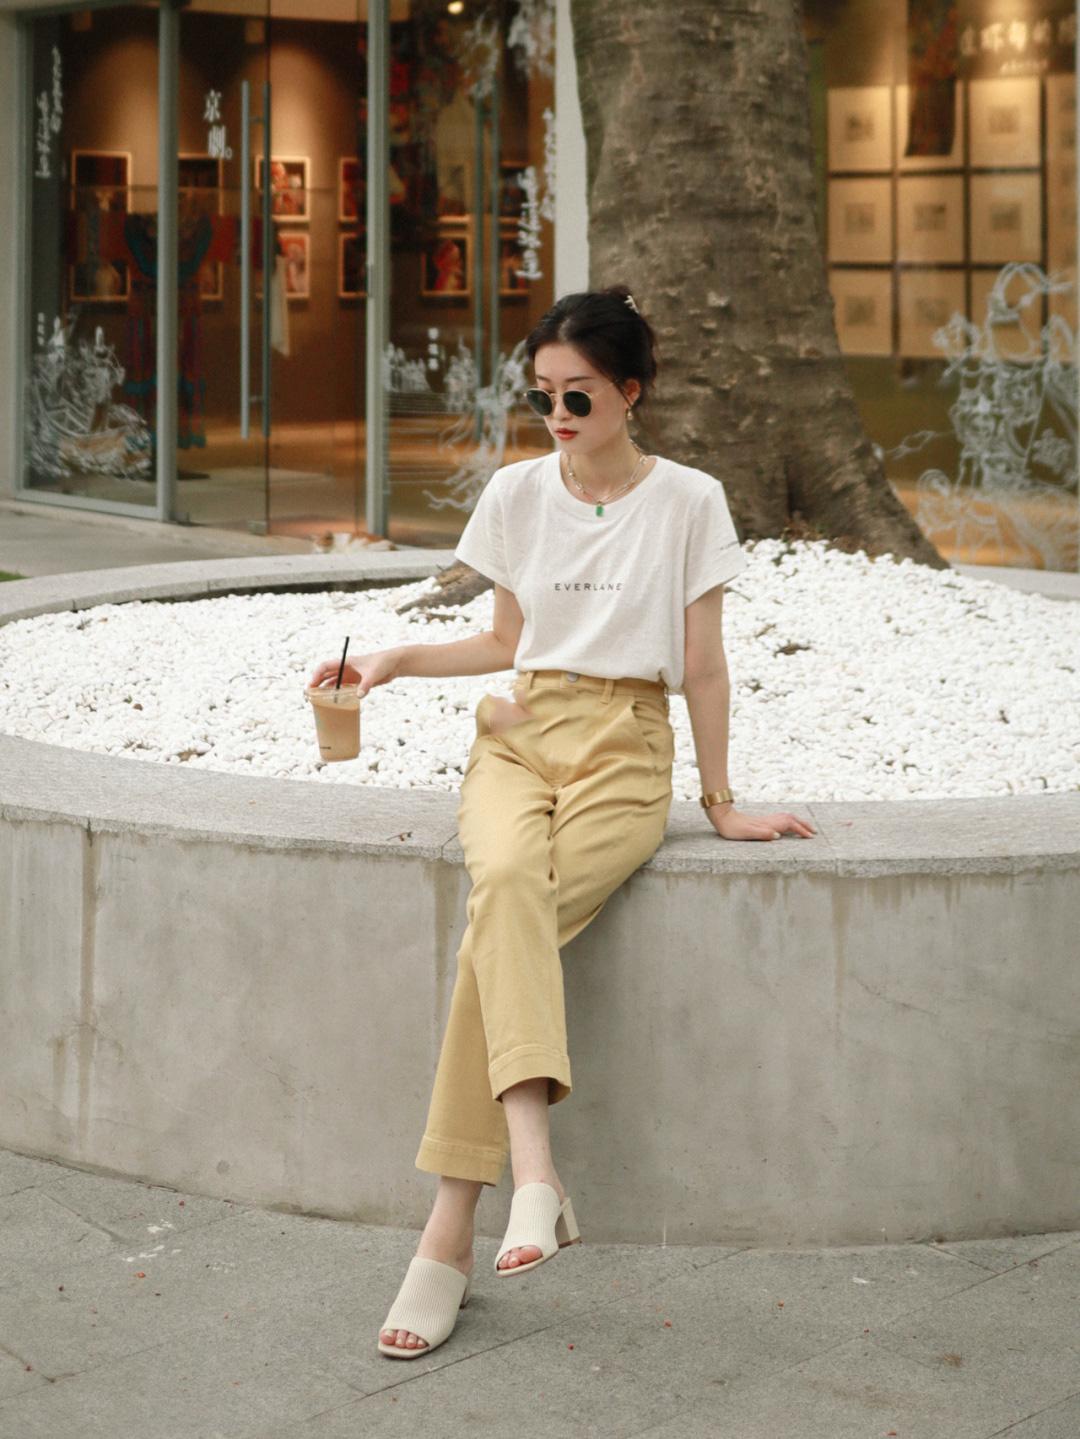 Nàng blogger chỉ ra 3 kiểu giày đáng sắm nhất khi thời tiết giao mùa - Ảnh 3.